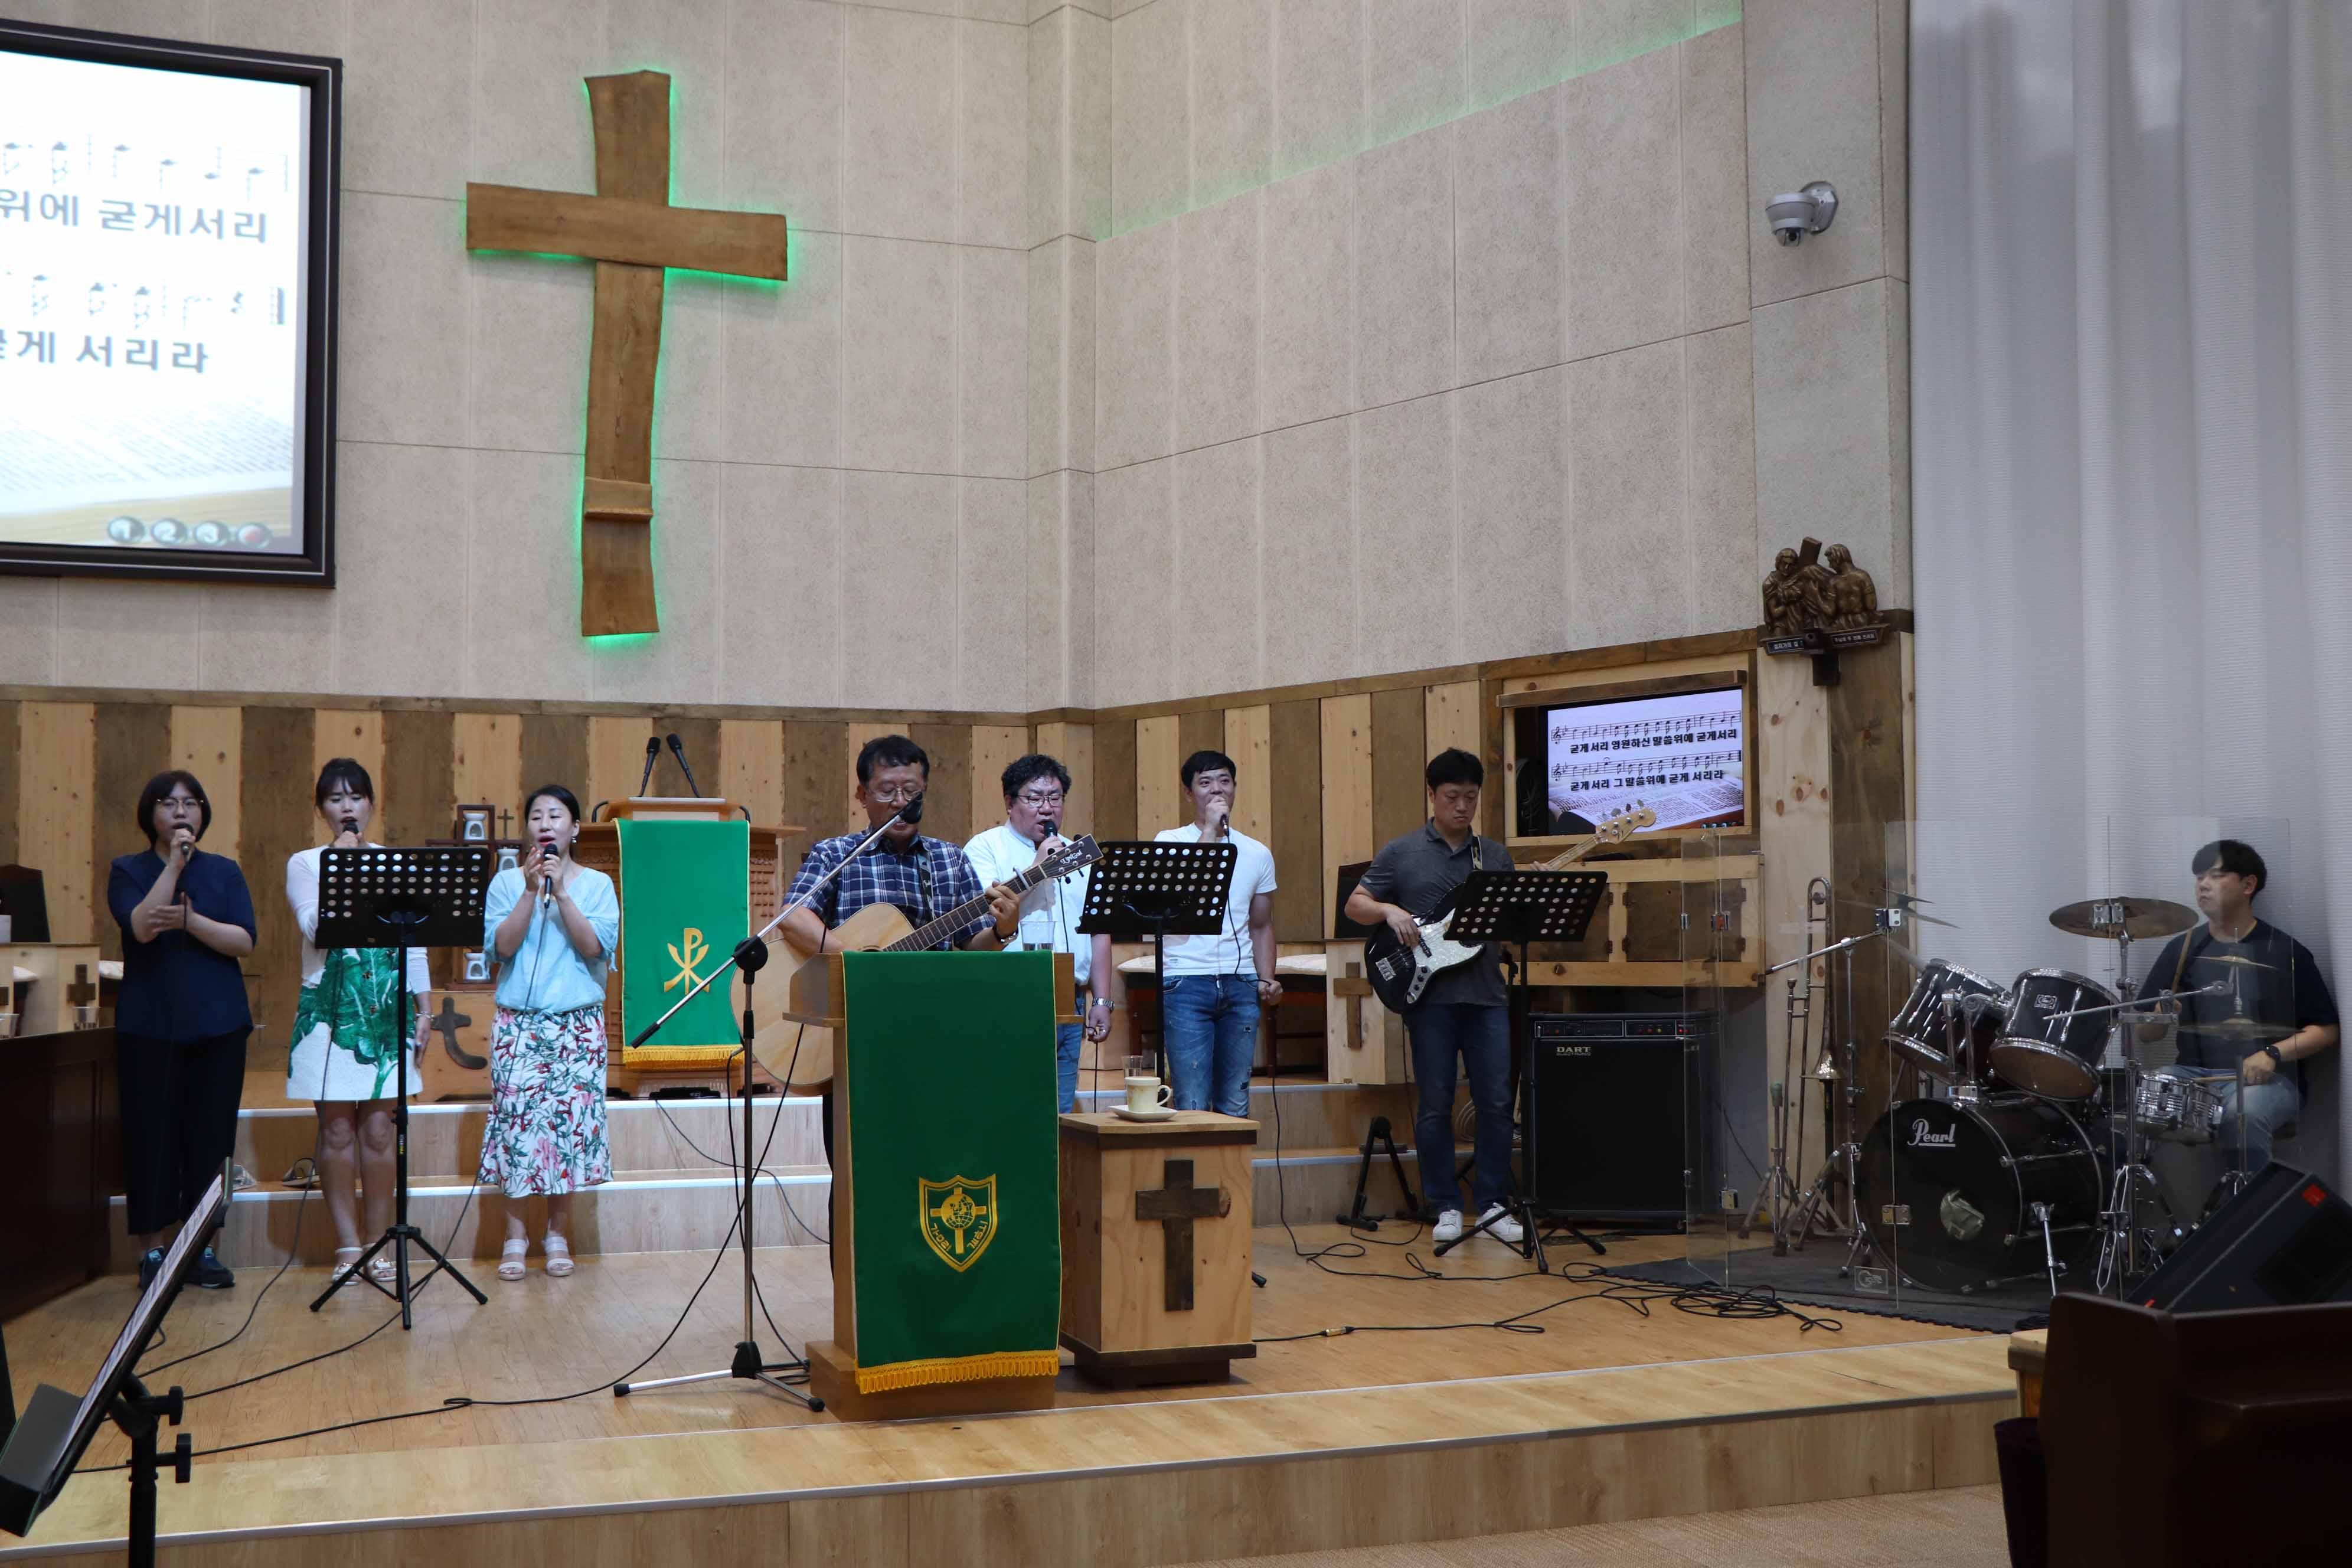 2019년 7월 30일 소망 사랑 샤론 연합속회 헌신예배